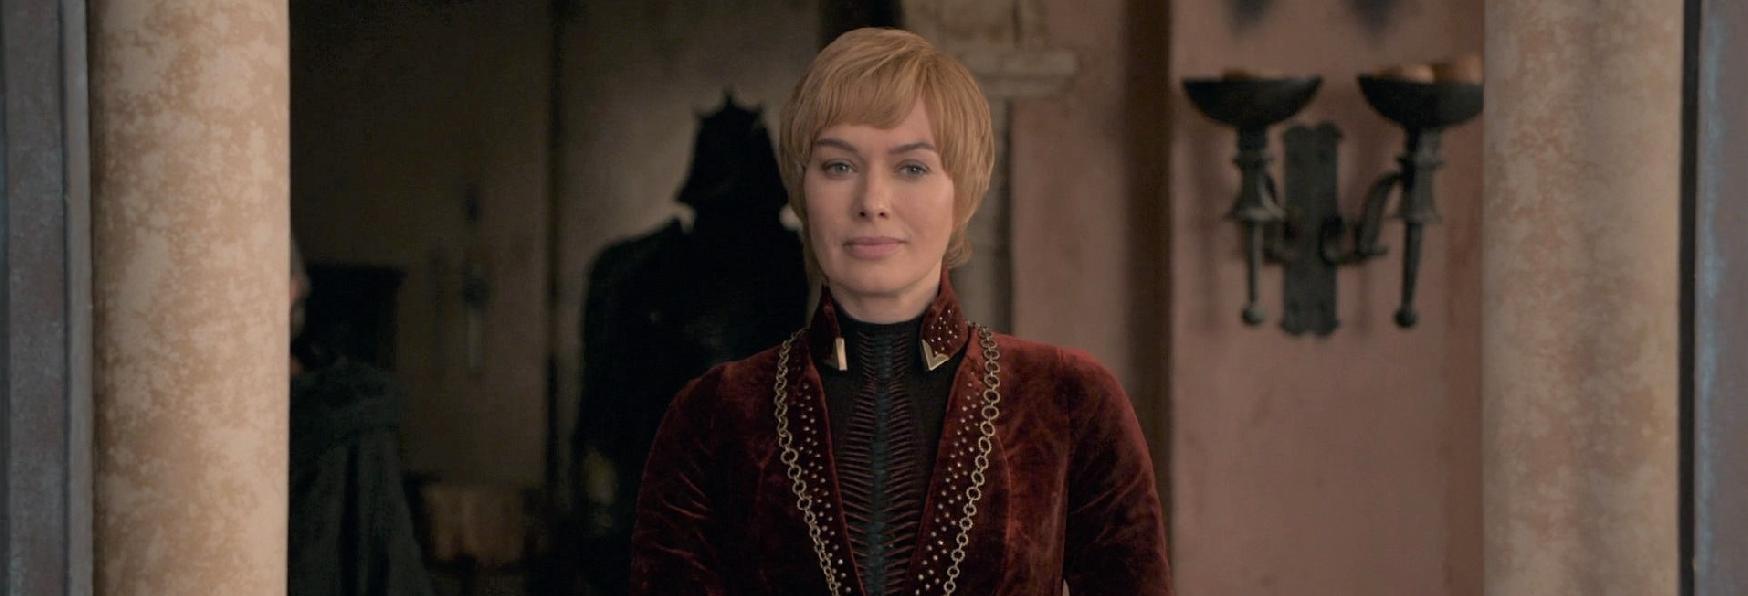 """Game of Thrones 8: Lena Headey desiderava un Destino """"migliore"""" per Cersei"""